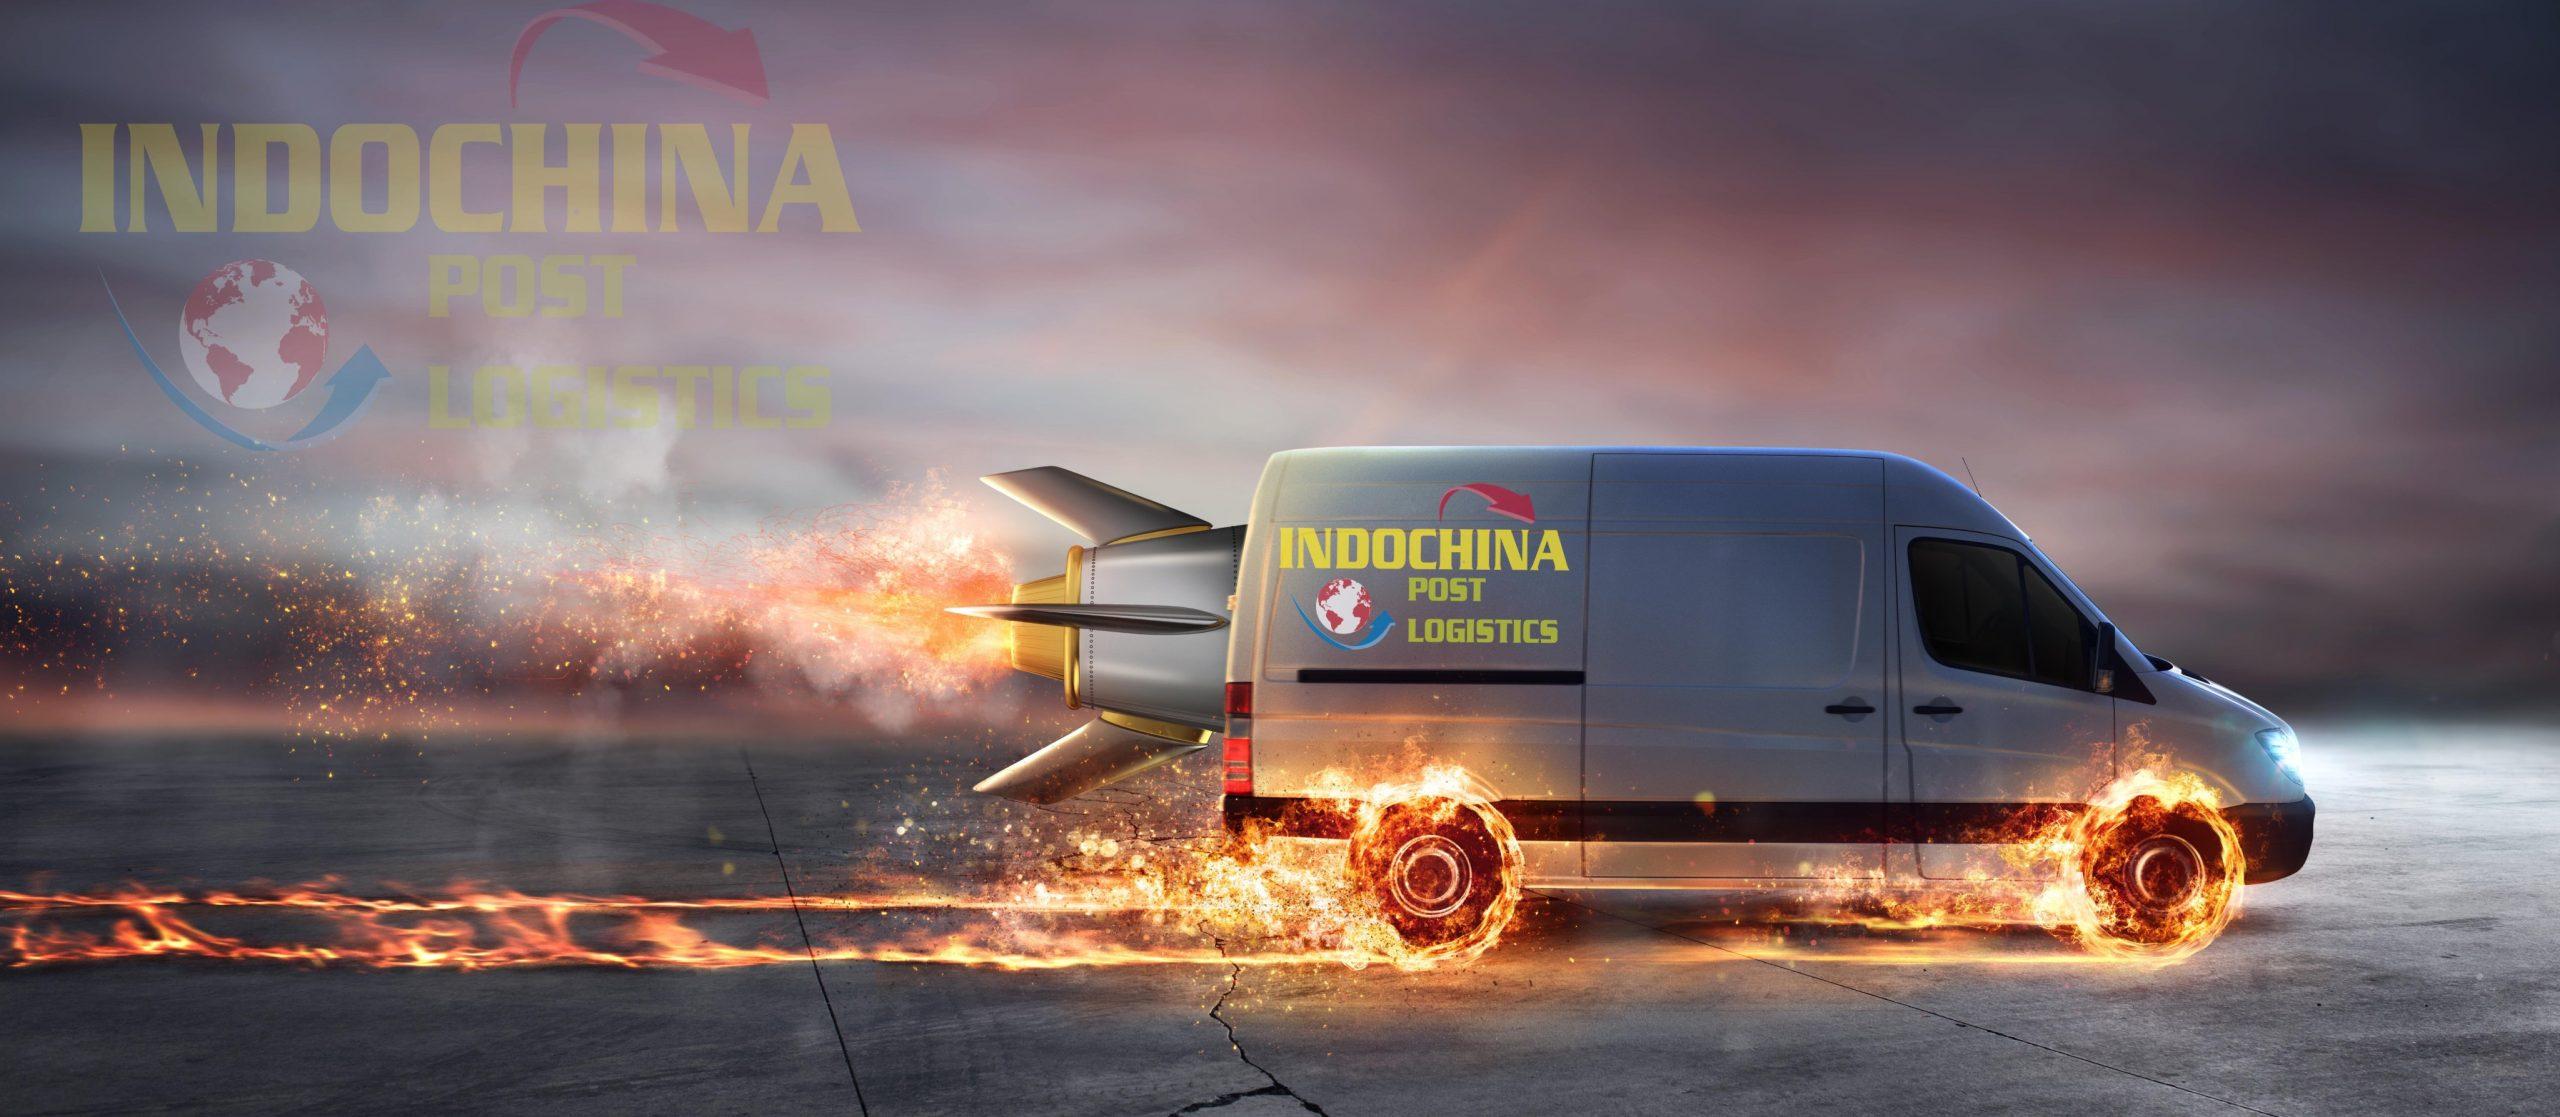 Chuyển phát nhanh hỏa tốc tại Indochinapost